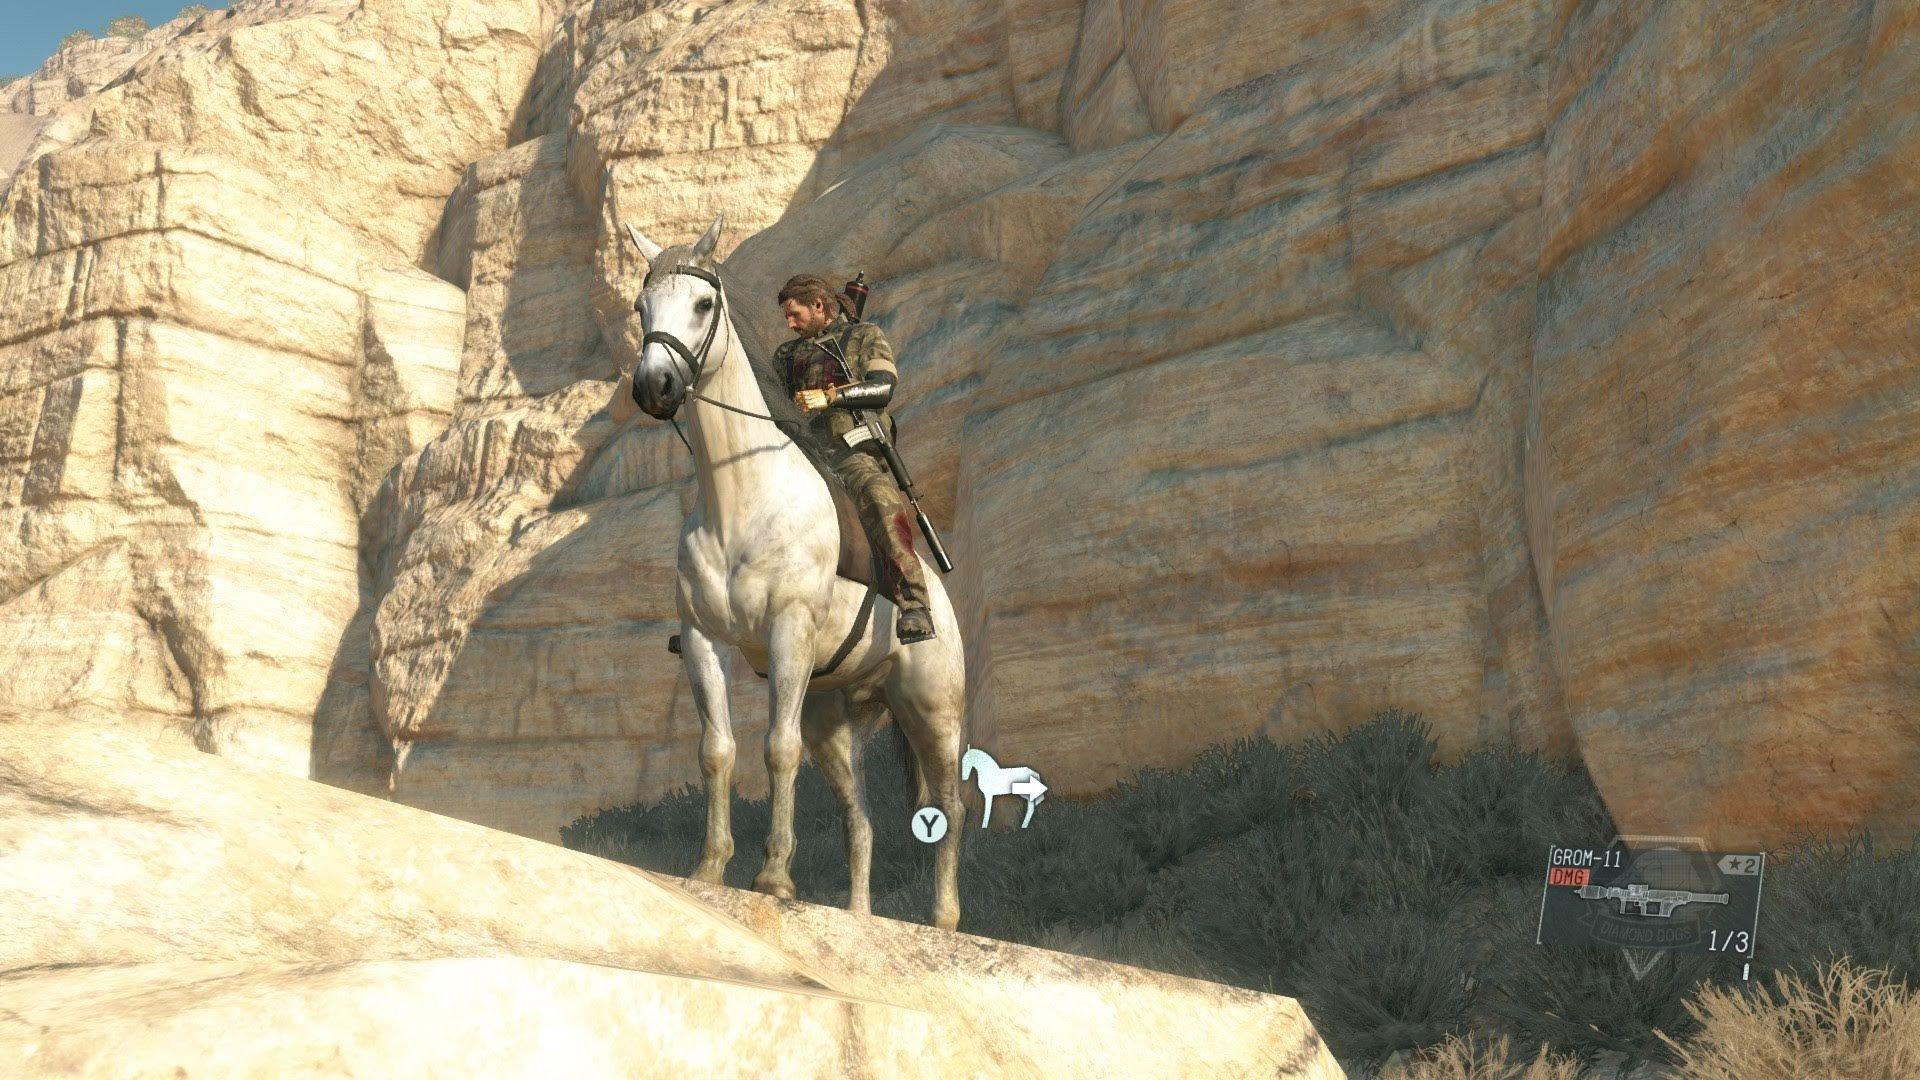 游戏心得 潜龙谍影 V 幻痛 - Metal Gear Solid V: The Phantom Pain